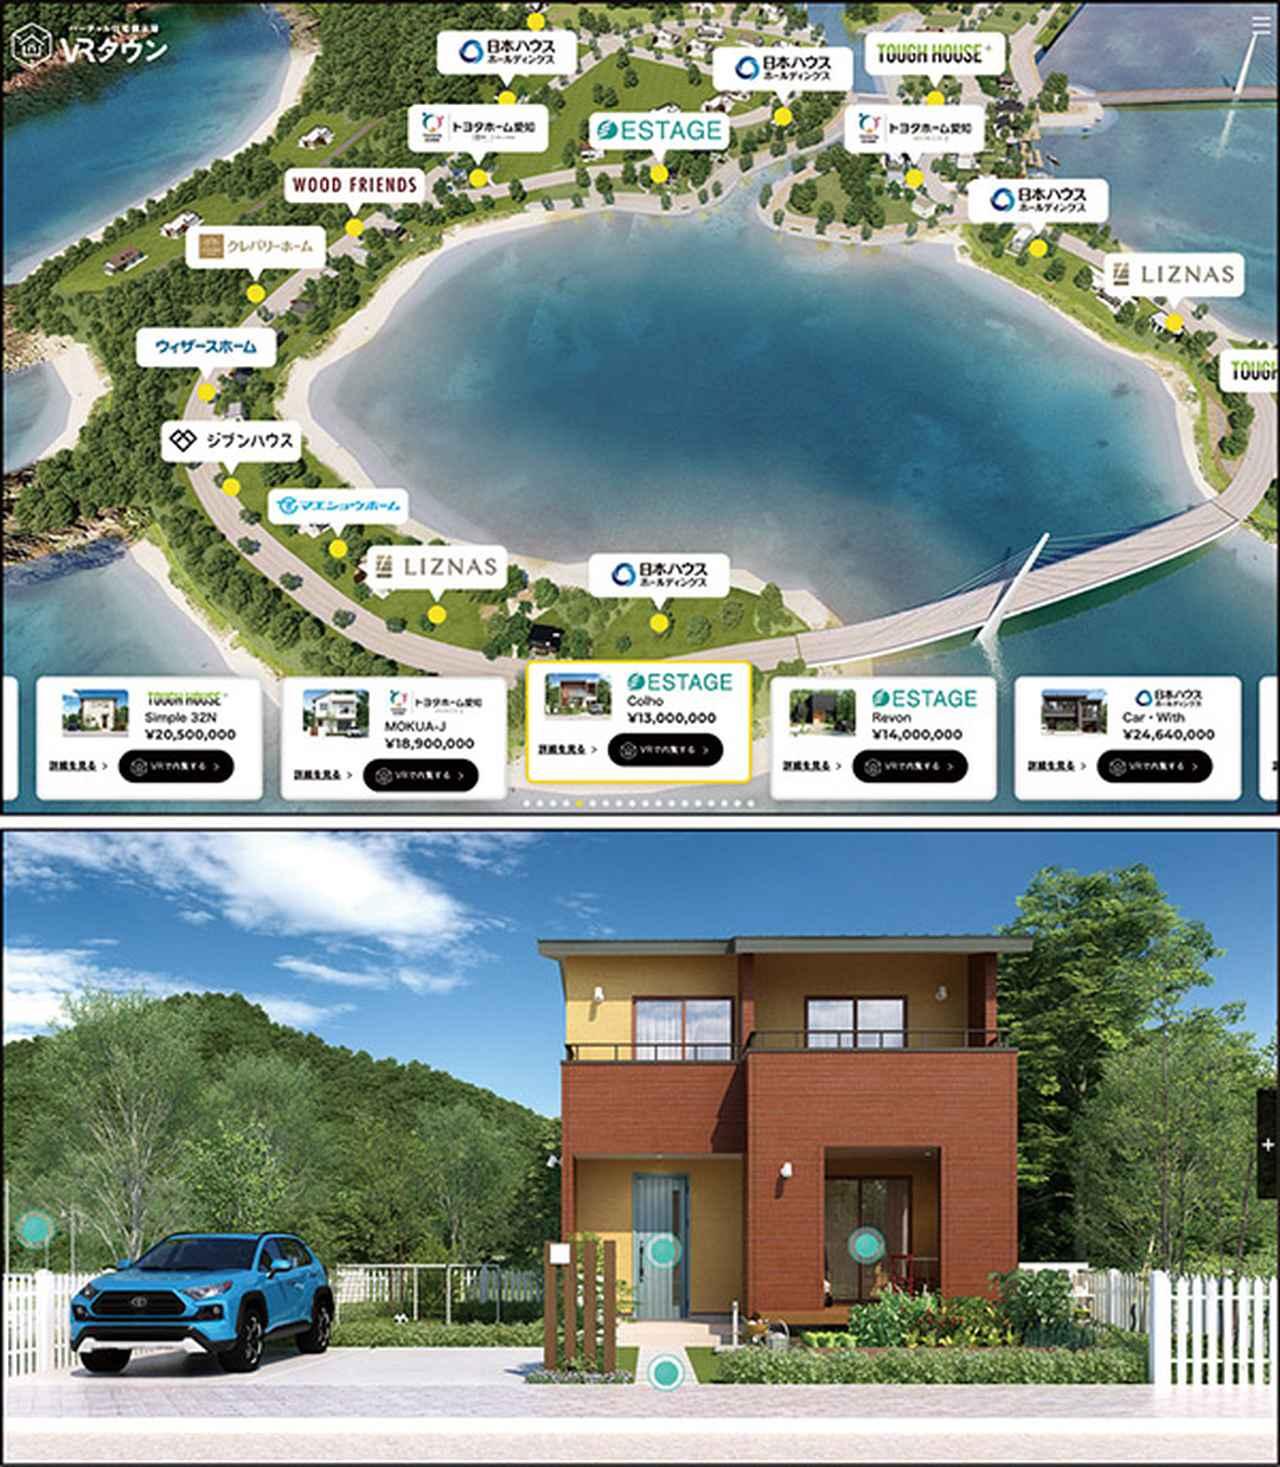 画像: 規格住宅を検索できる「マイホームマーケット」のコンテンツとして提供。価格も調べられる。